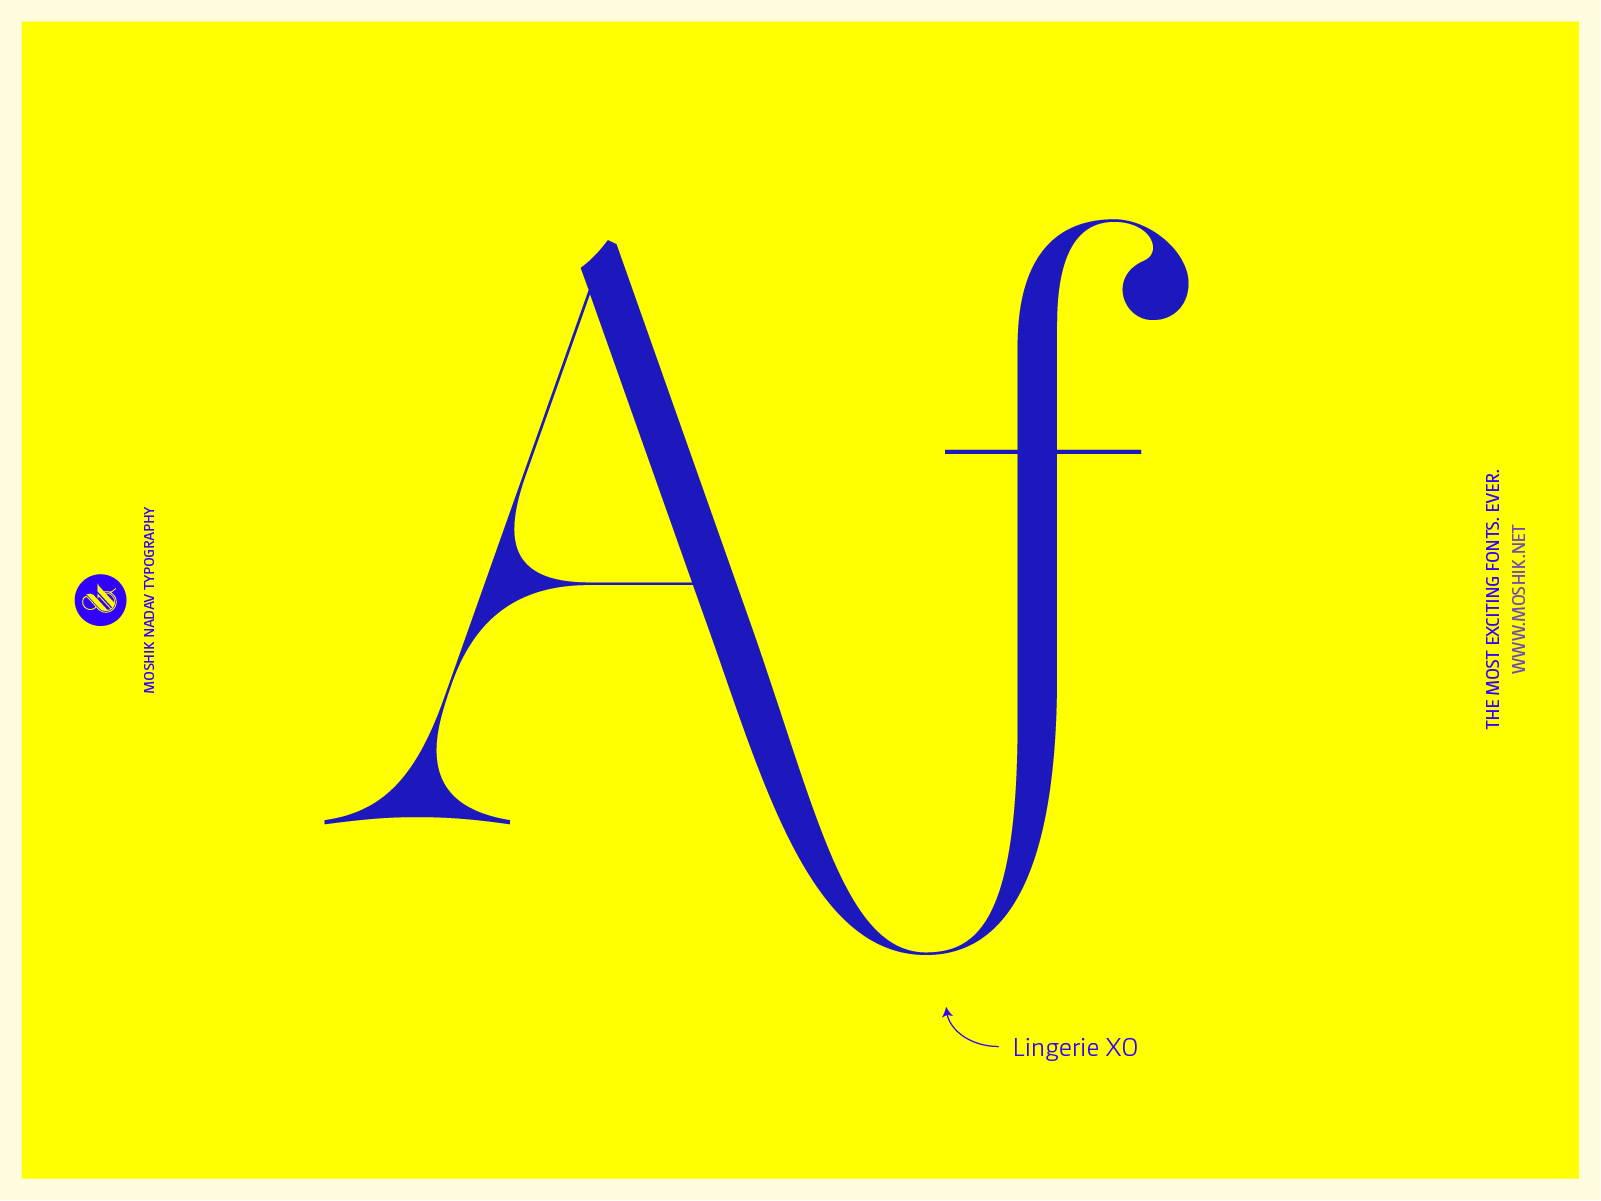 af ligature, af, Lingerie XO Typeface, fashion fonts, fashion typography, vogue fonts, must have fonts for fashion, best fonts 2021, must have fonts 2021, Fashion logos, vogue fonts, fashion magazine fonts, sexy logos, sexy fashion logo, fashion ligatures, XO